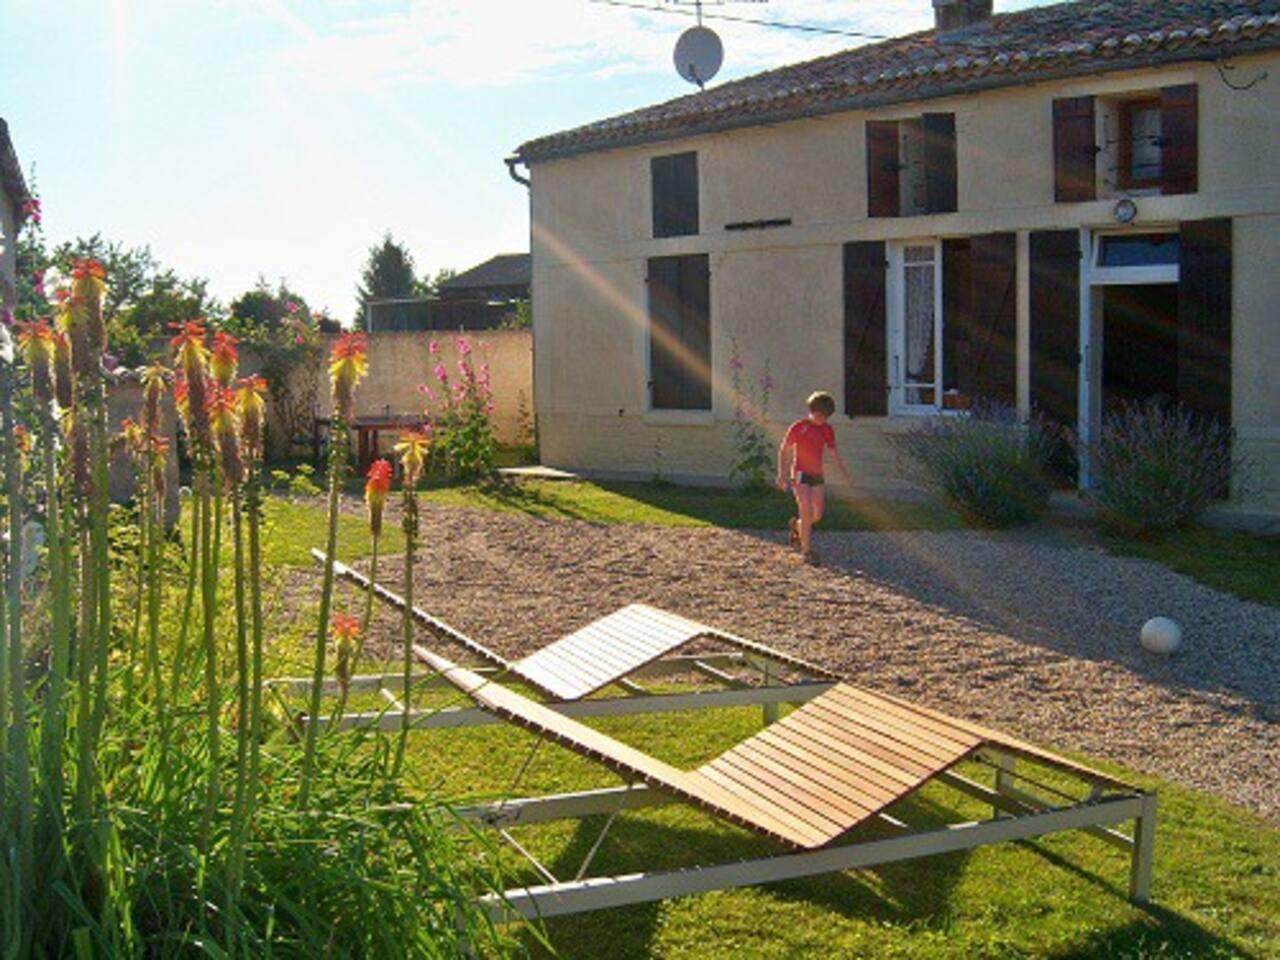 La Fermette - farmhouse in the evening sun